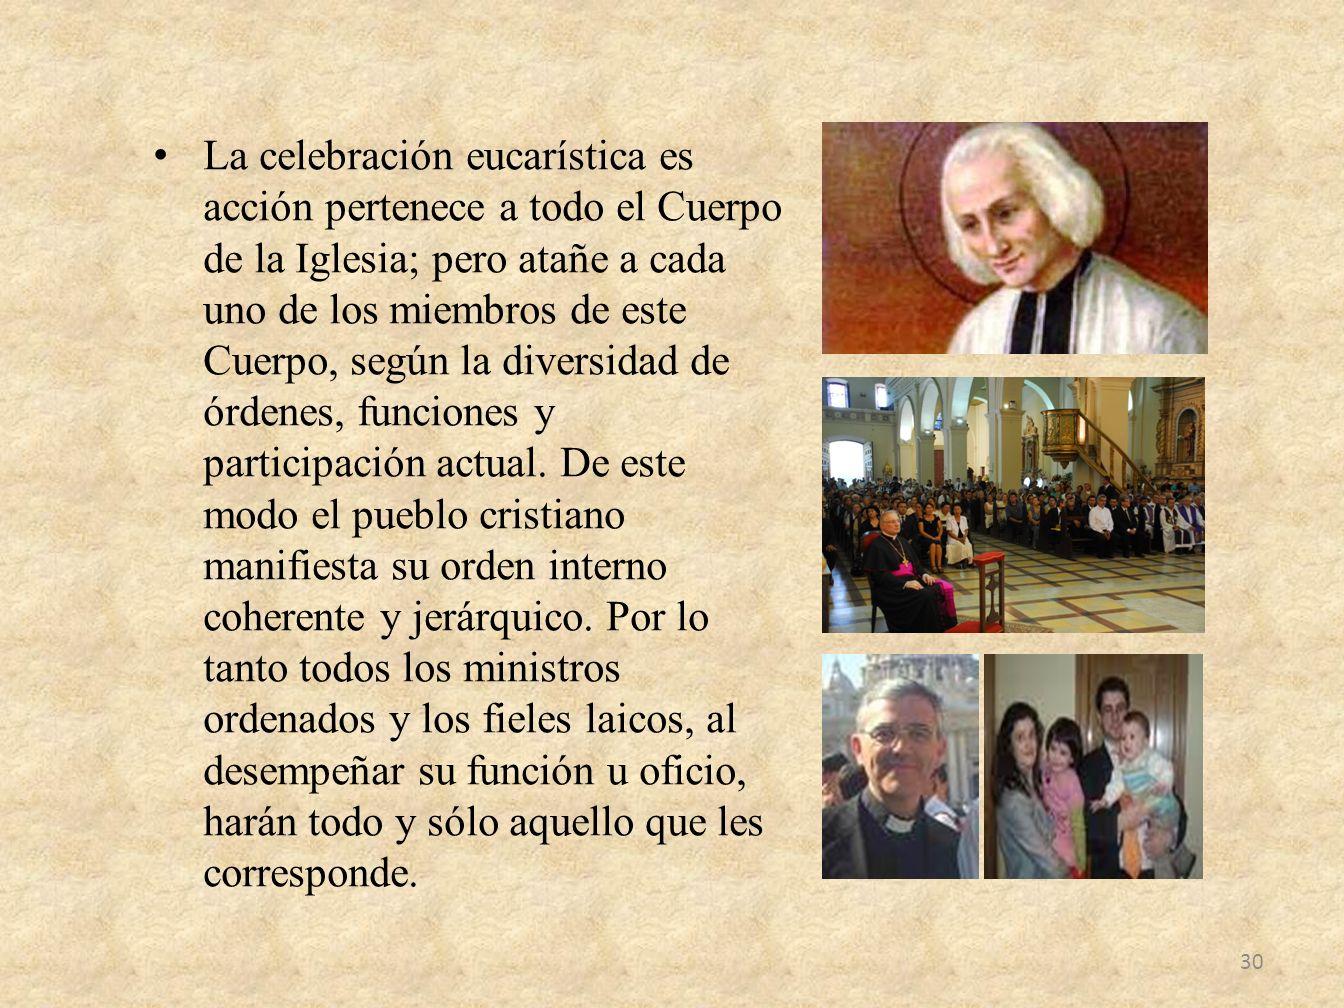 La celebración eucarística es acción pertenece a todo el Cuerpo de la Iglesia; pero atañe a cada uno de los miembros de este Cuerpo, según la diversidad de órdenes, funciones y participación actual.